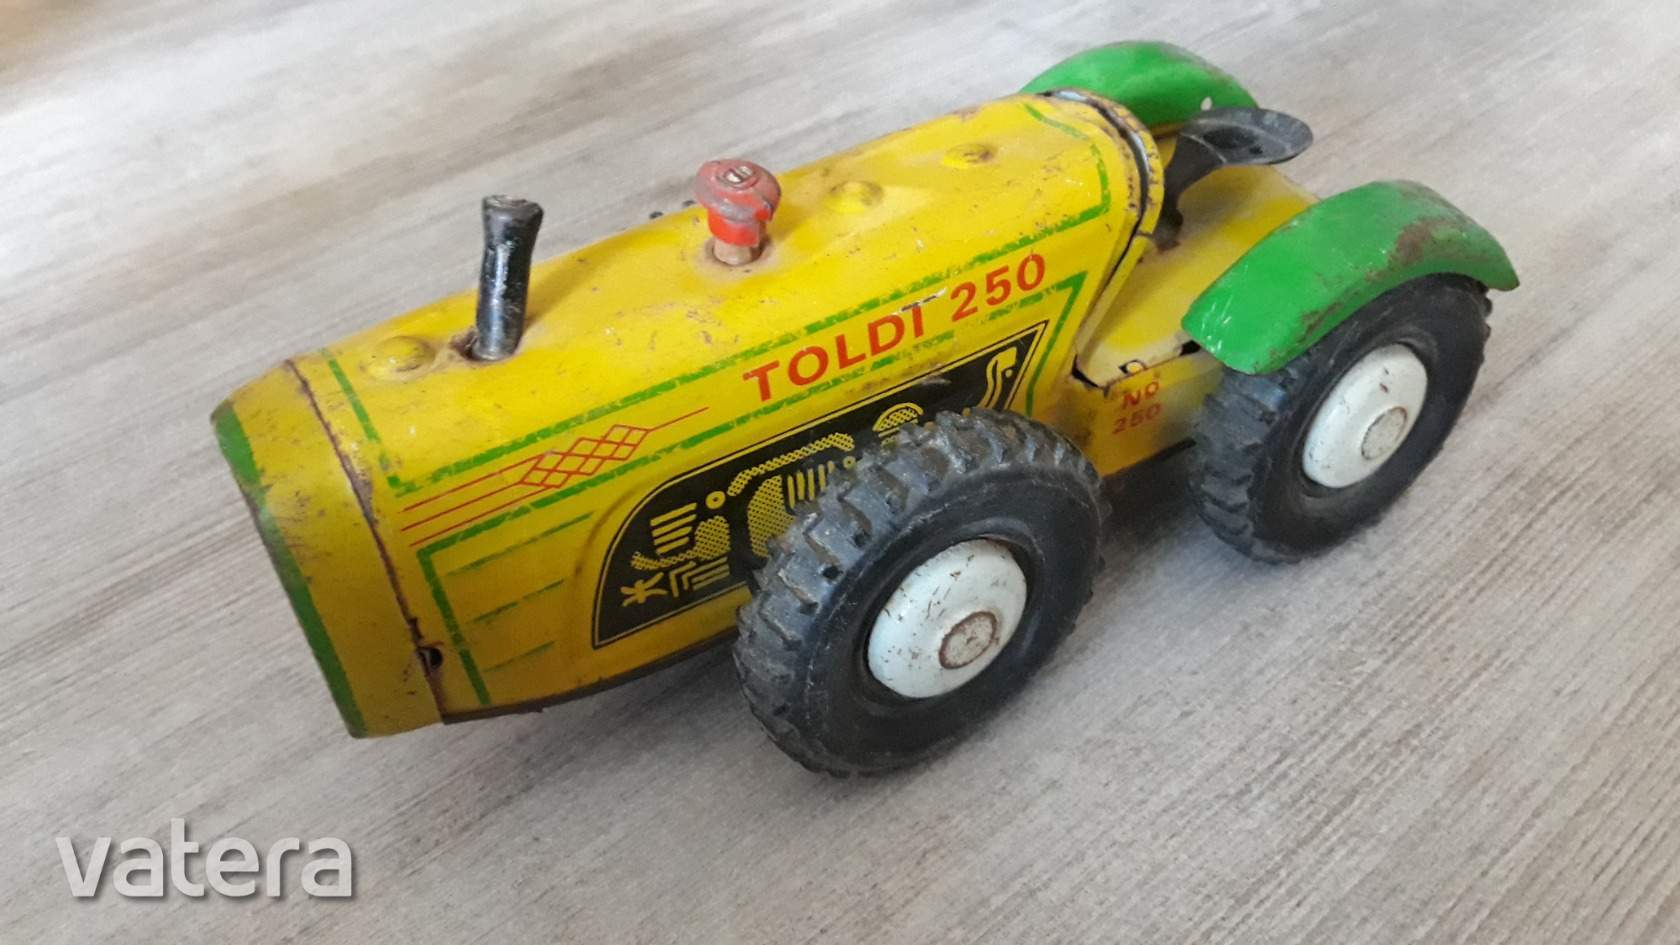 lemezjatek-toldi-250-traktor-olyan-mint-a-dutra-lemezarugyari-e36b_2_big.jpg